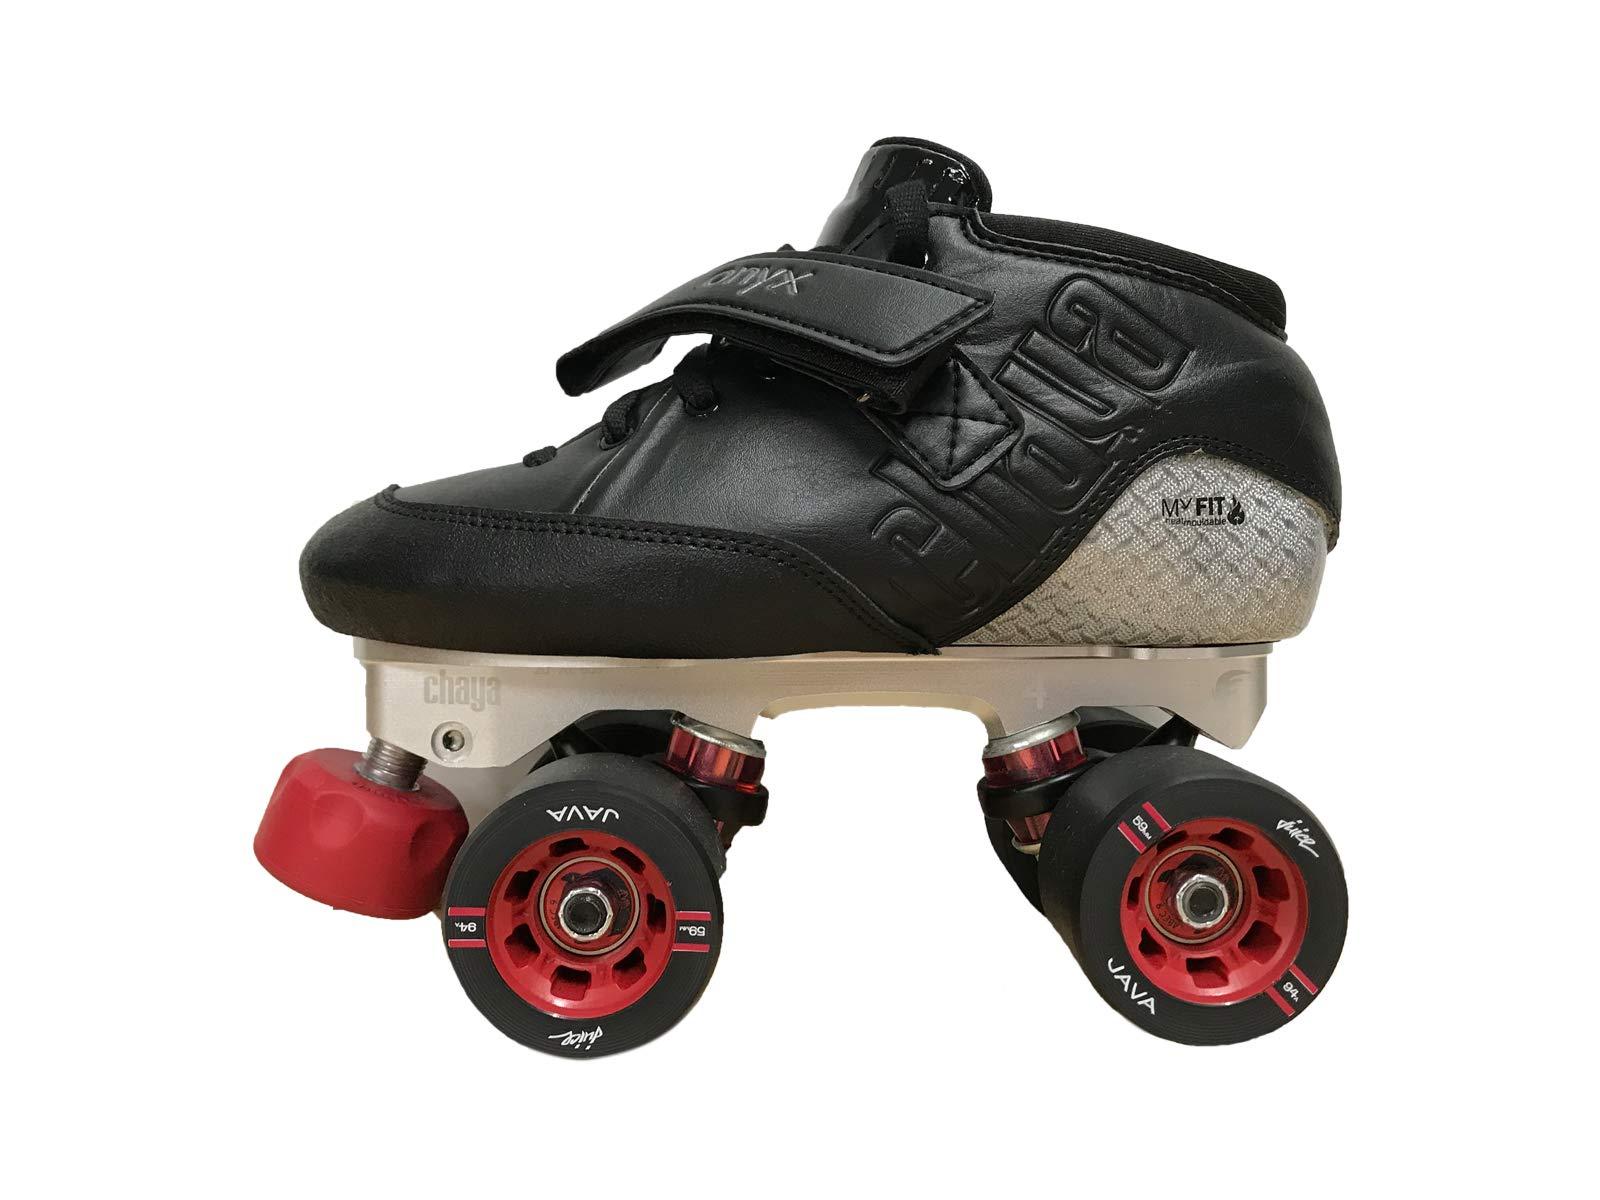 Chaya Onyx Quad Derby Roller Skate (EUR 43 / US 11)